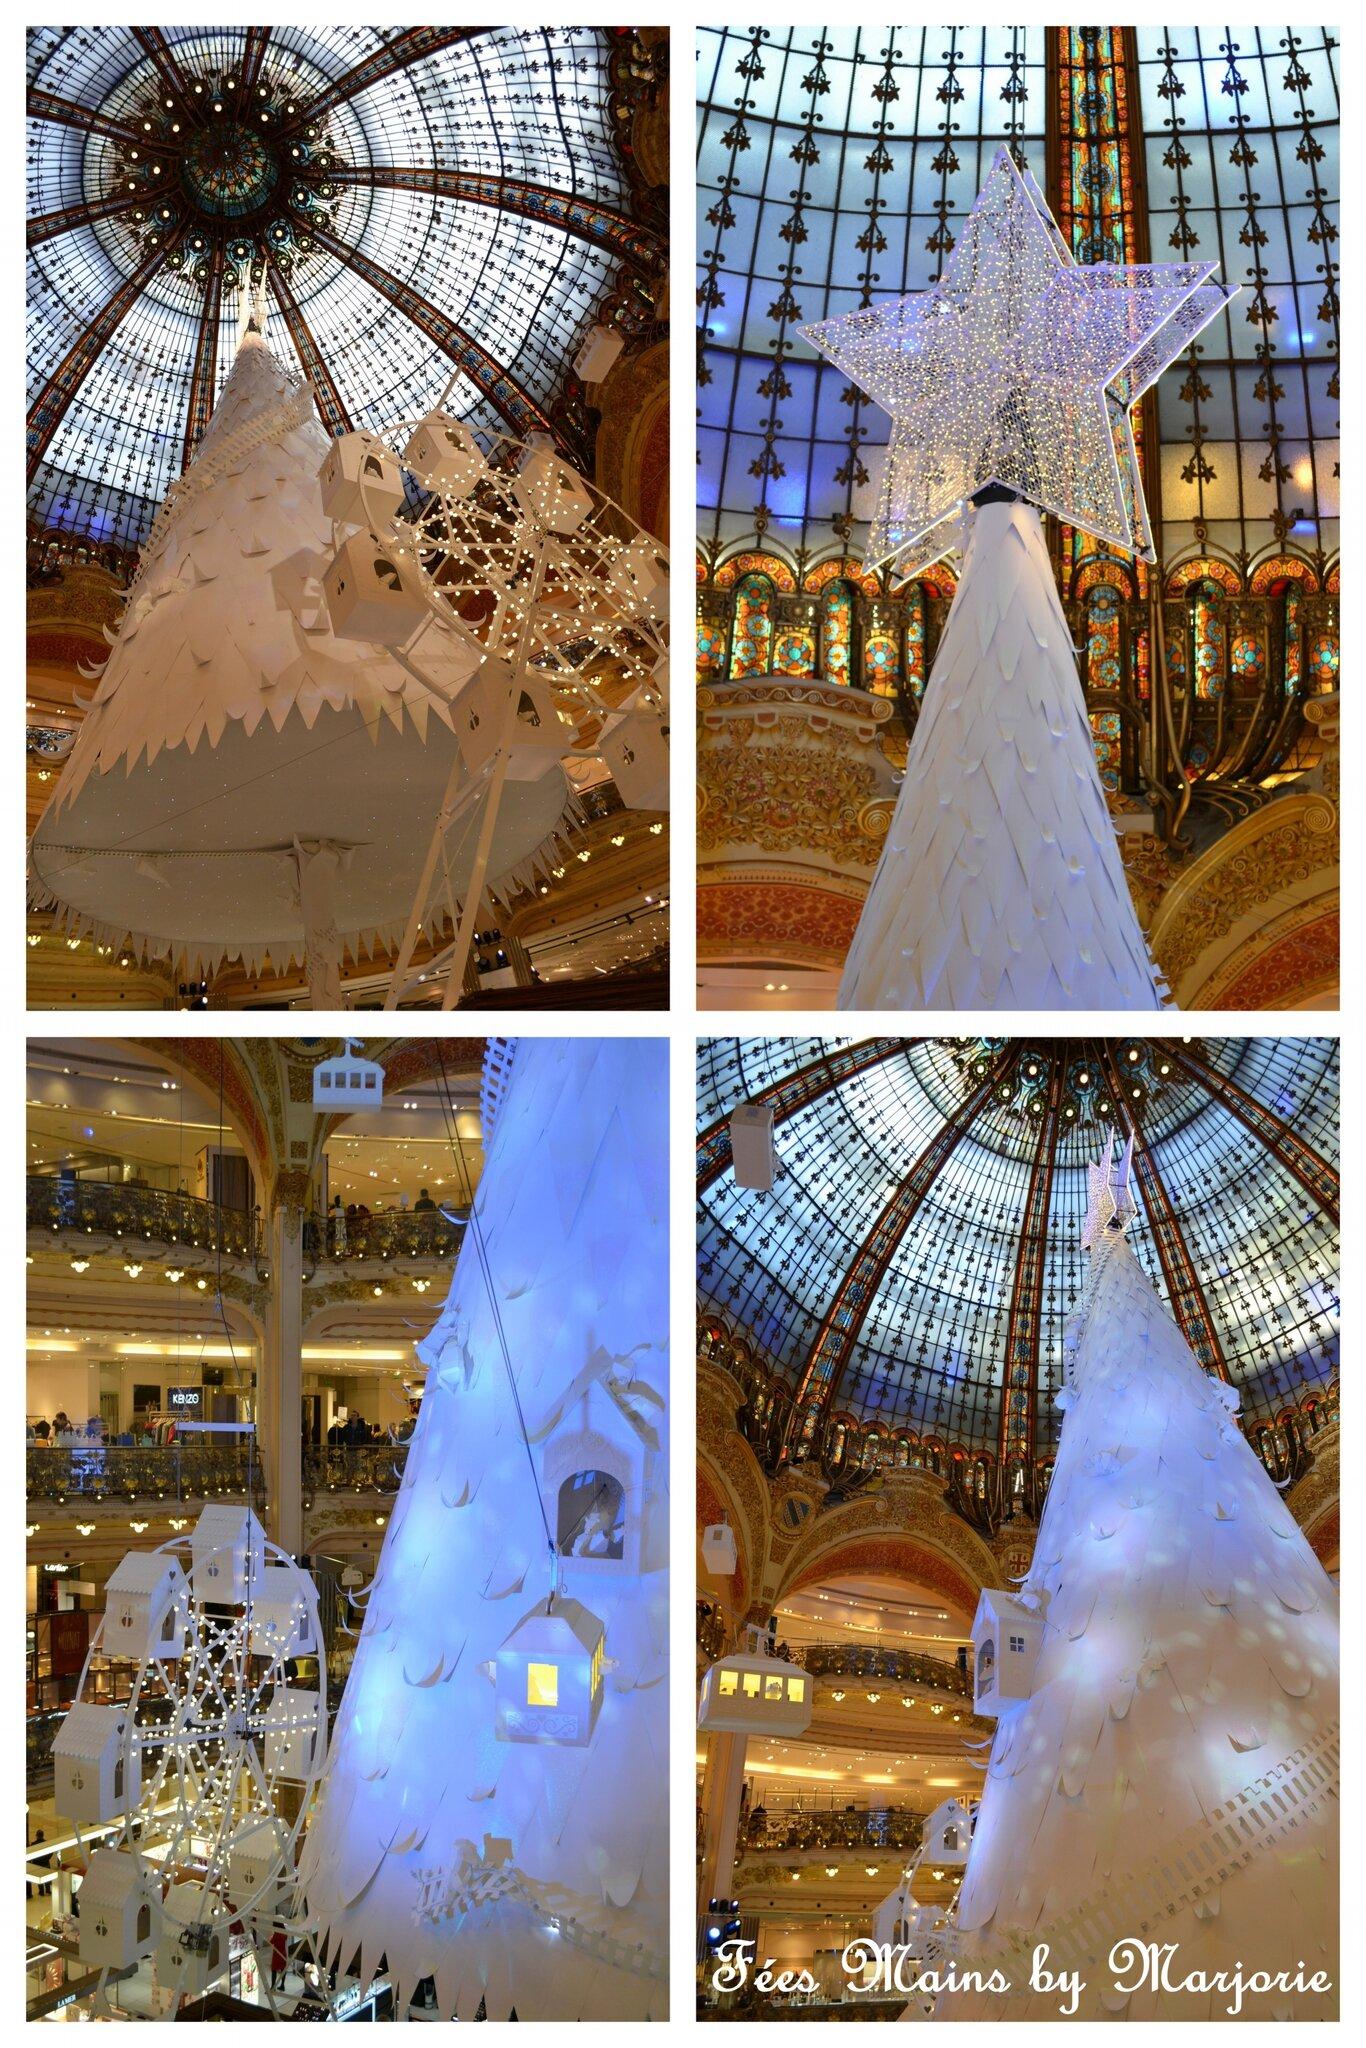 Féerie de Noël Grands magasins Paris Haussmann1